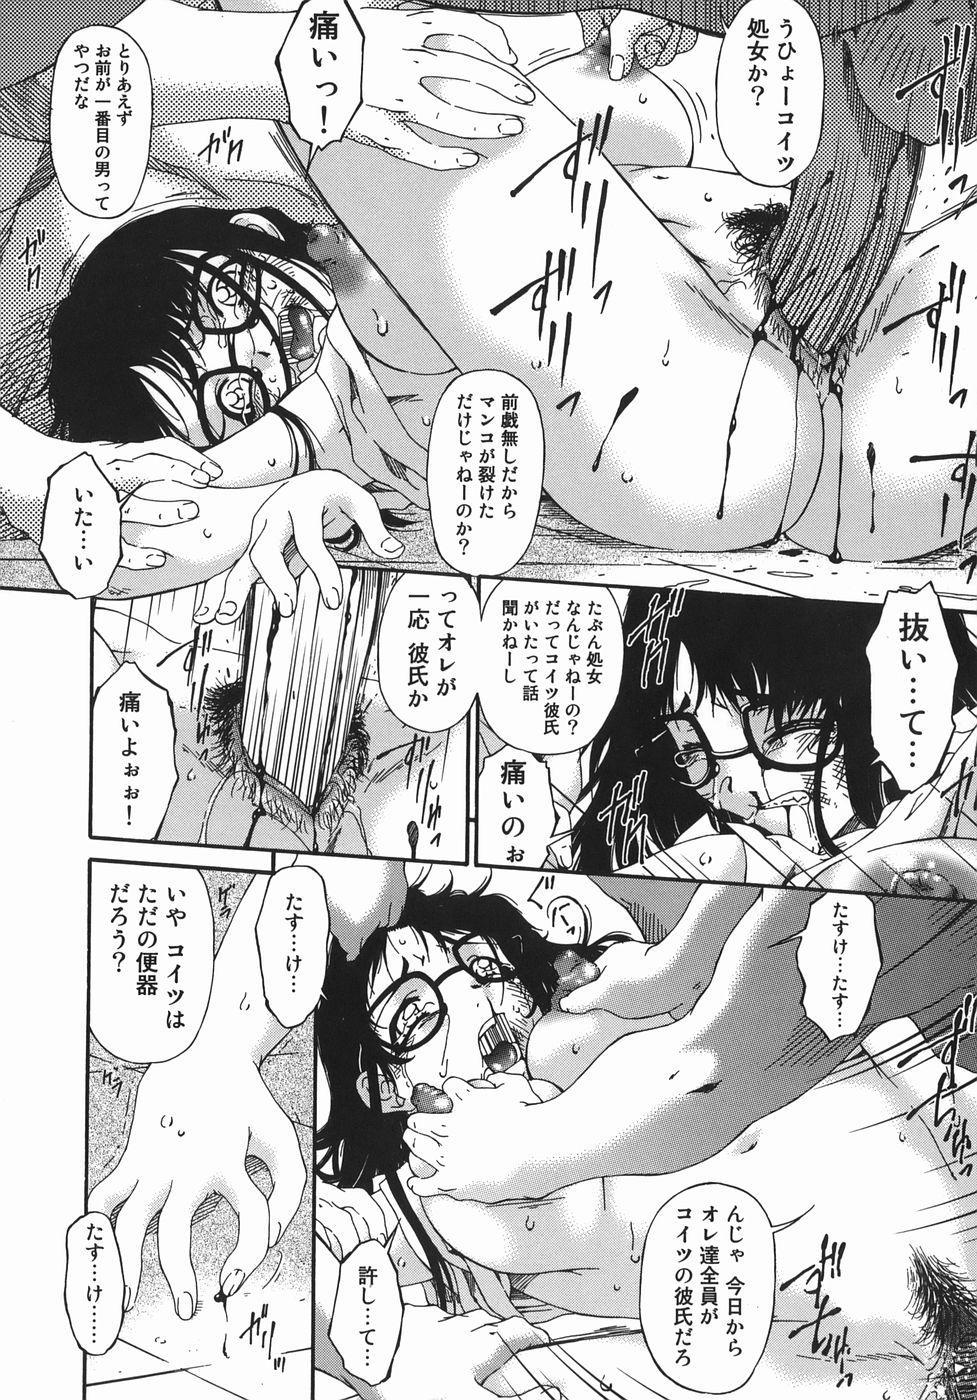 Hensachi ZERO kara no Seiteki Kyouiku 73